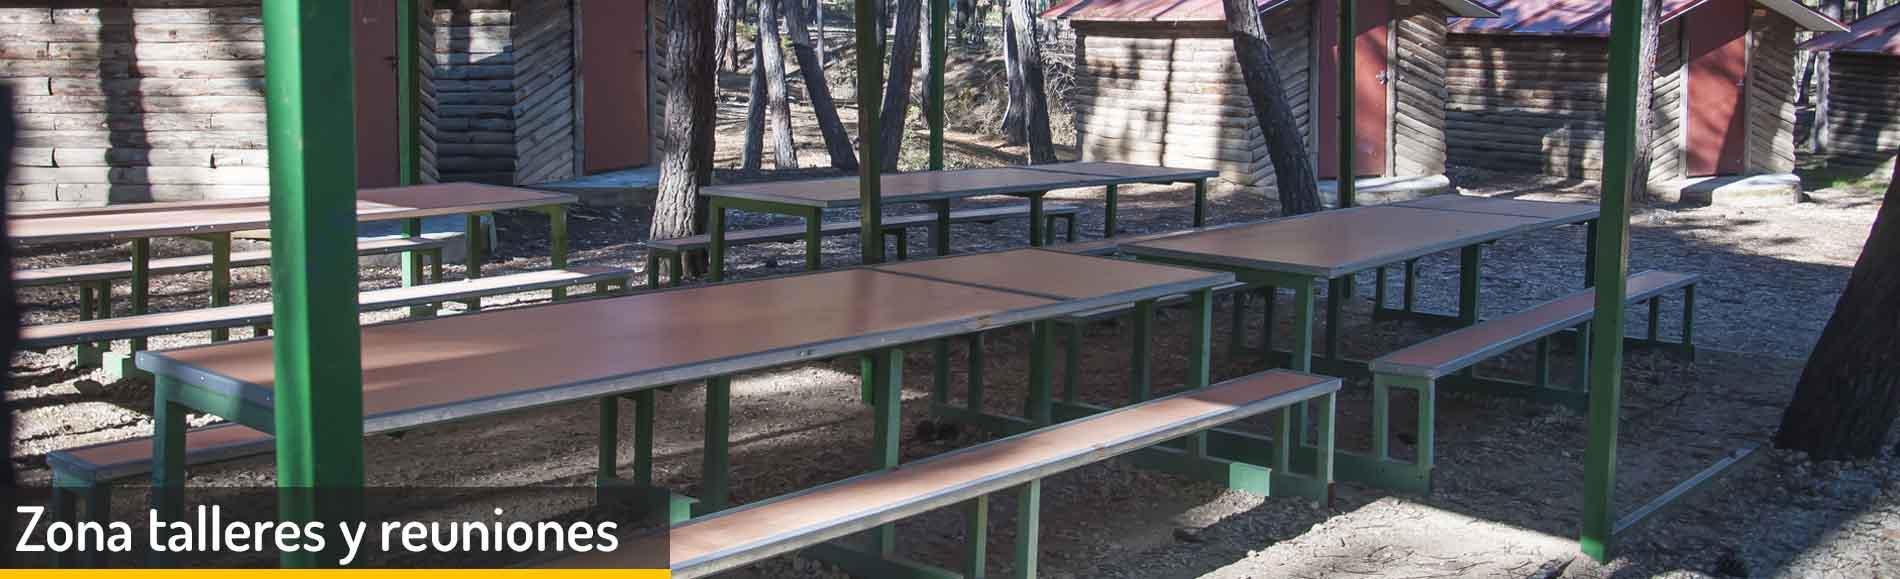 zona-talleres-campamento-talayuelas